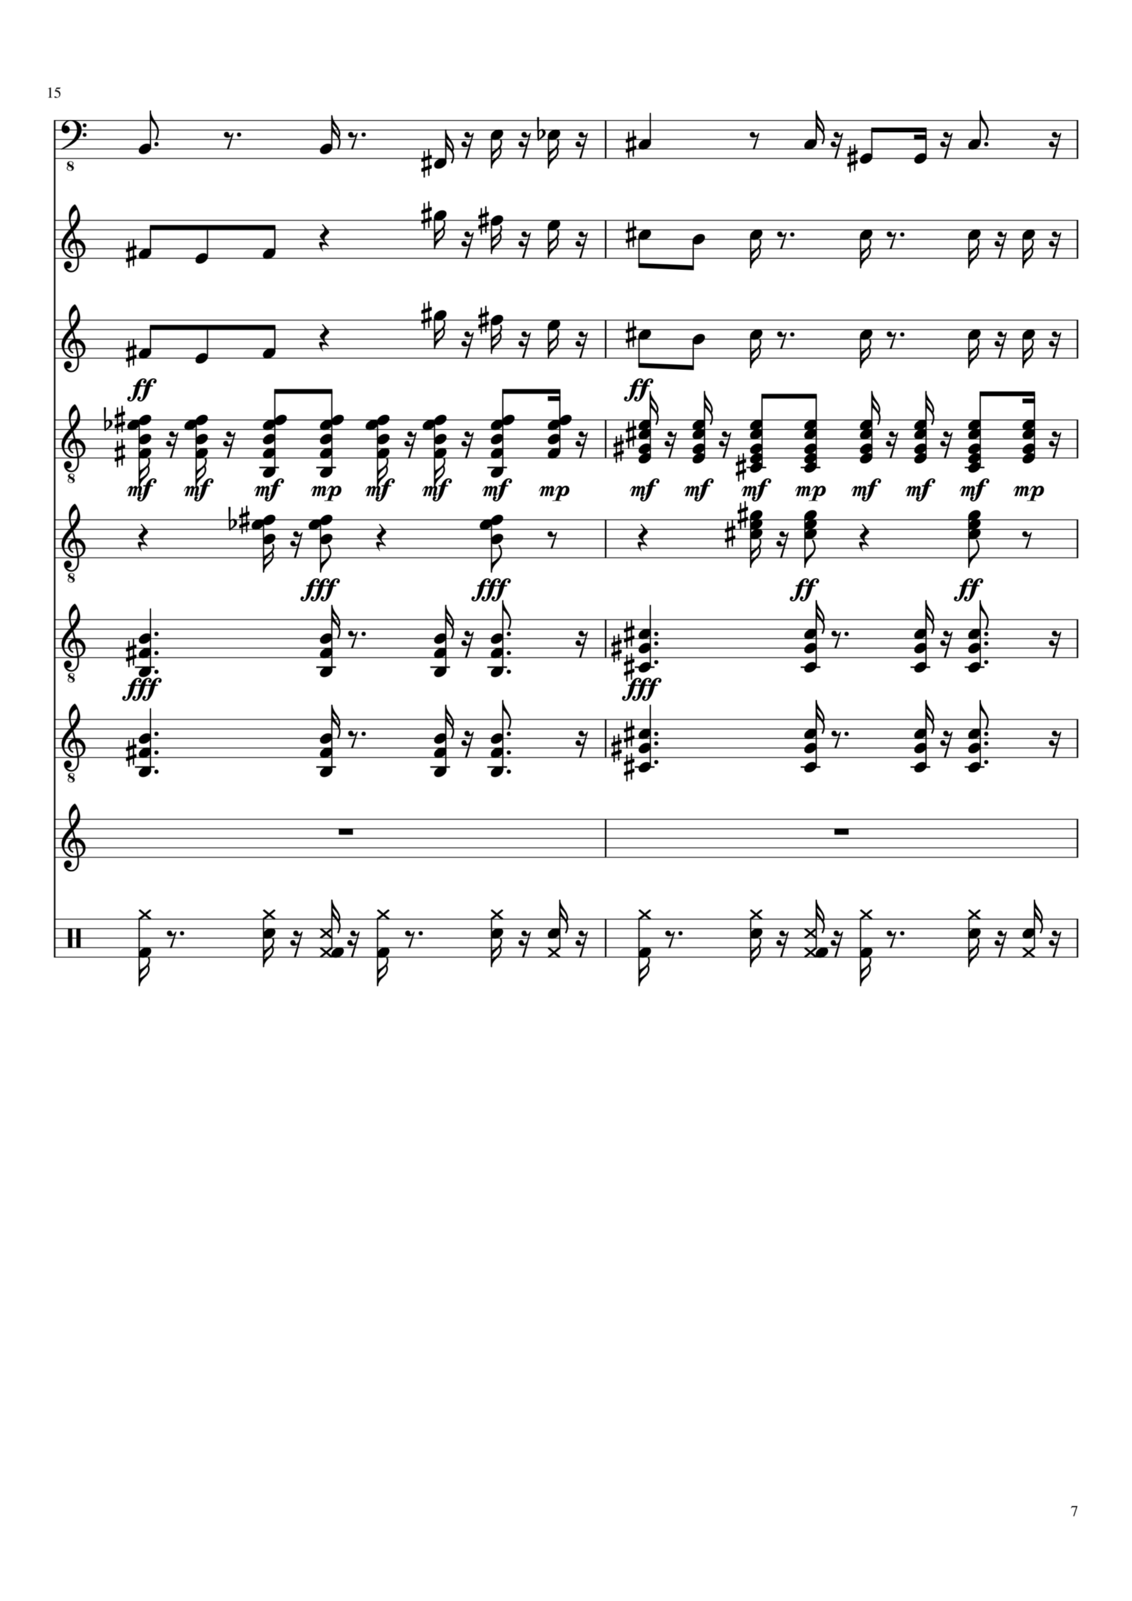 Serdtse slide, Image 7